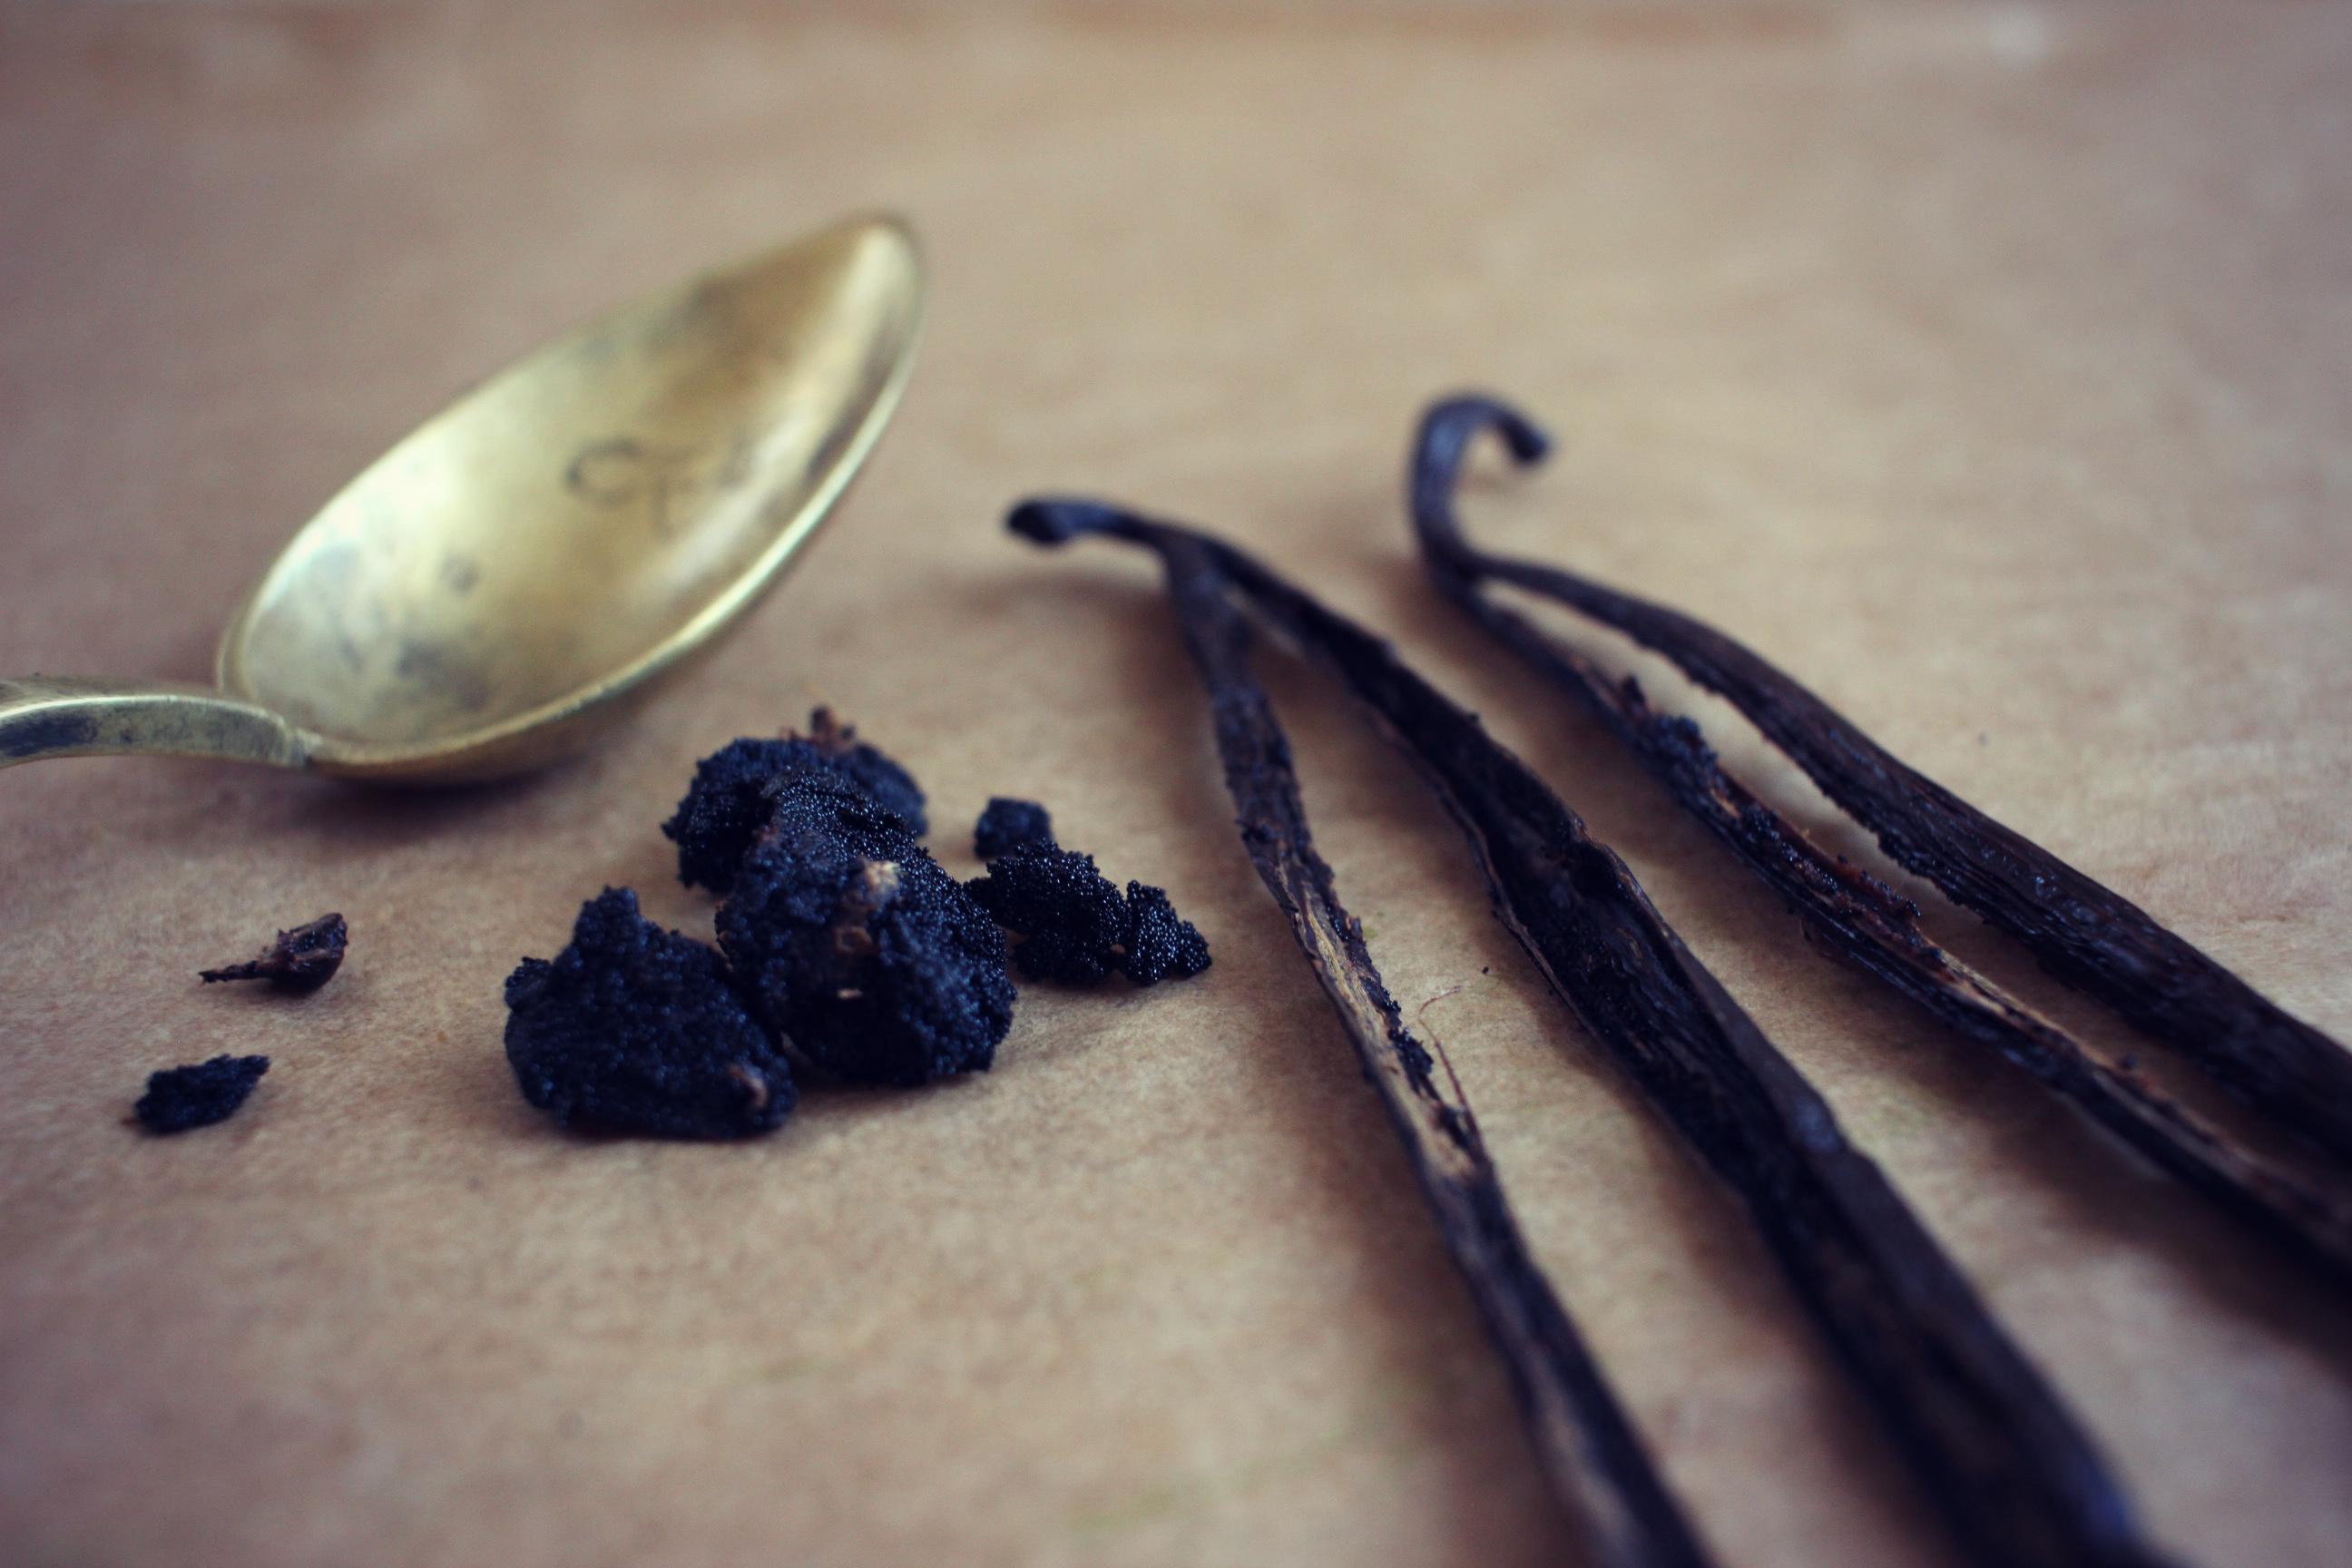 comment-enlever-graines-gousse-de-vanille-techniques-de-cuisine-1